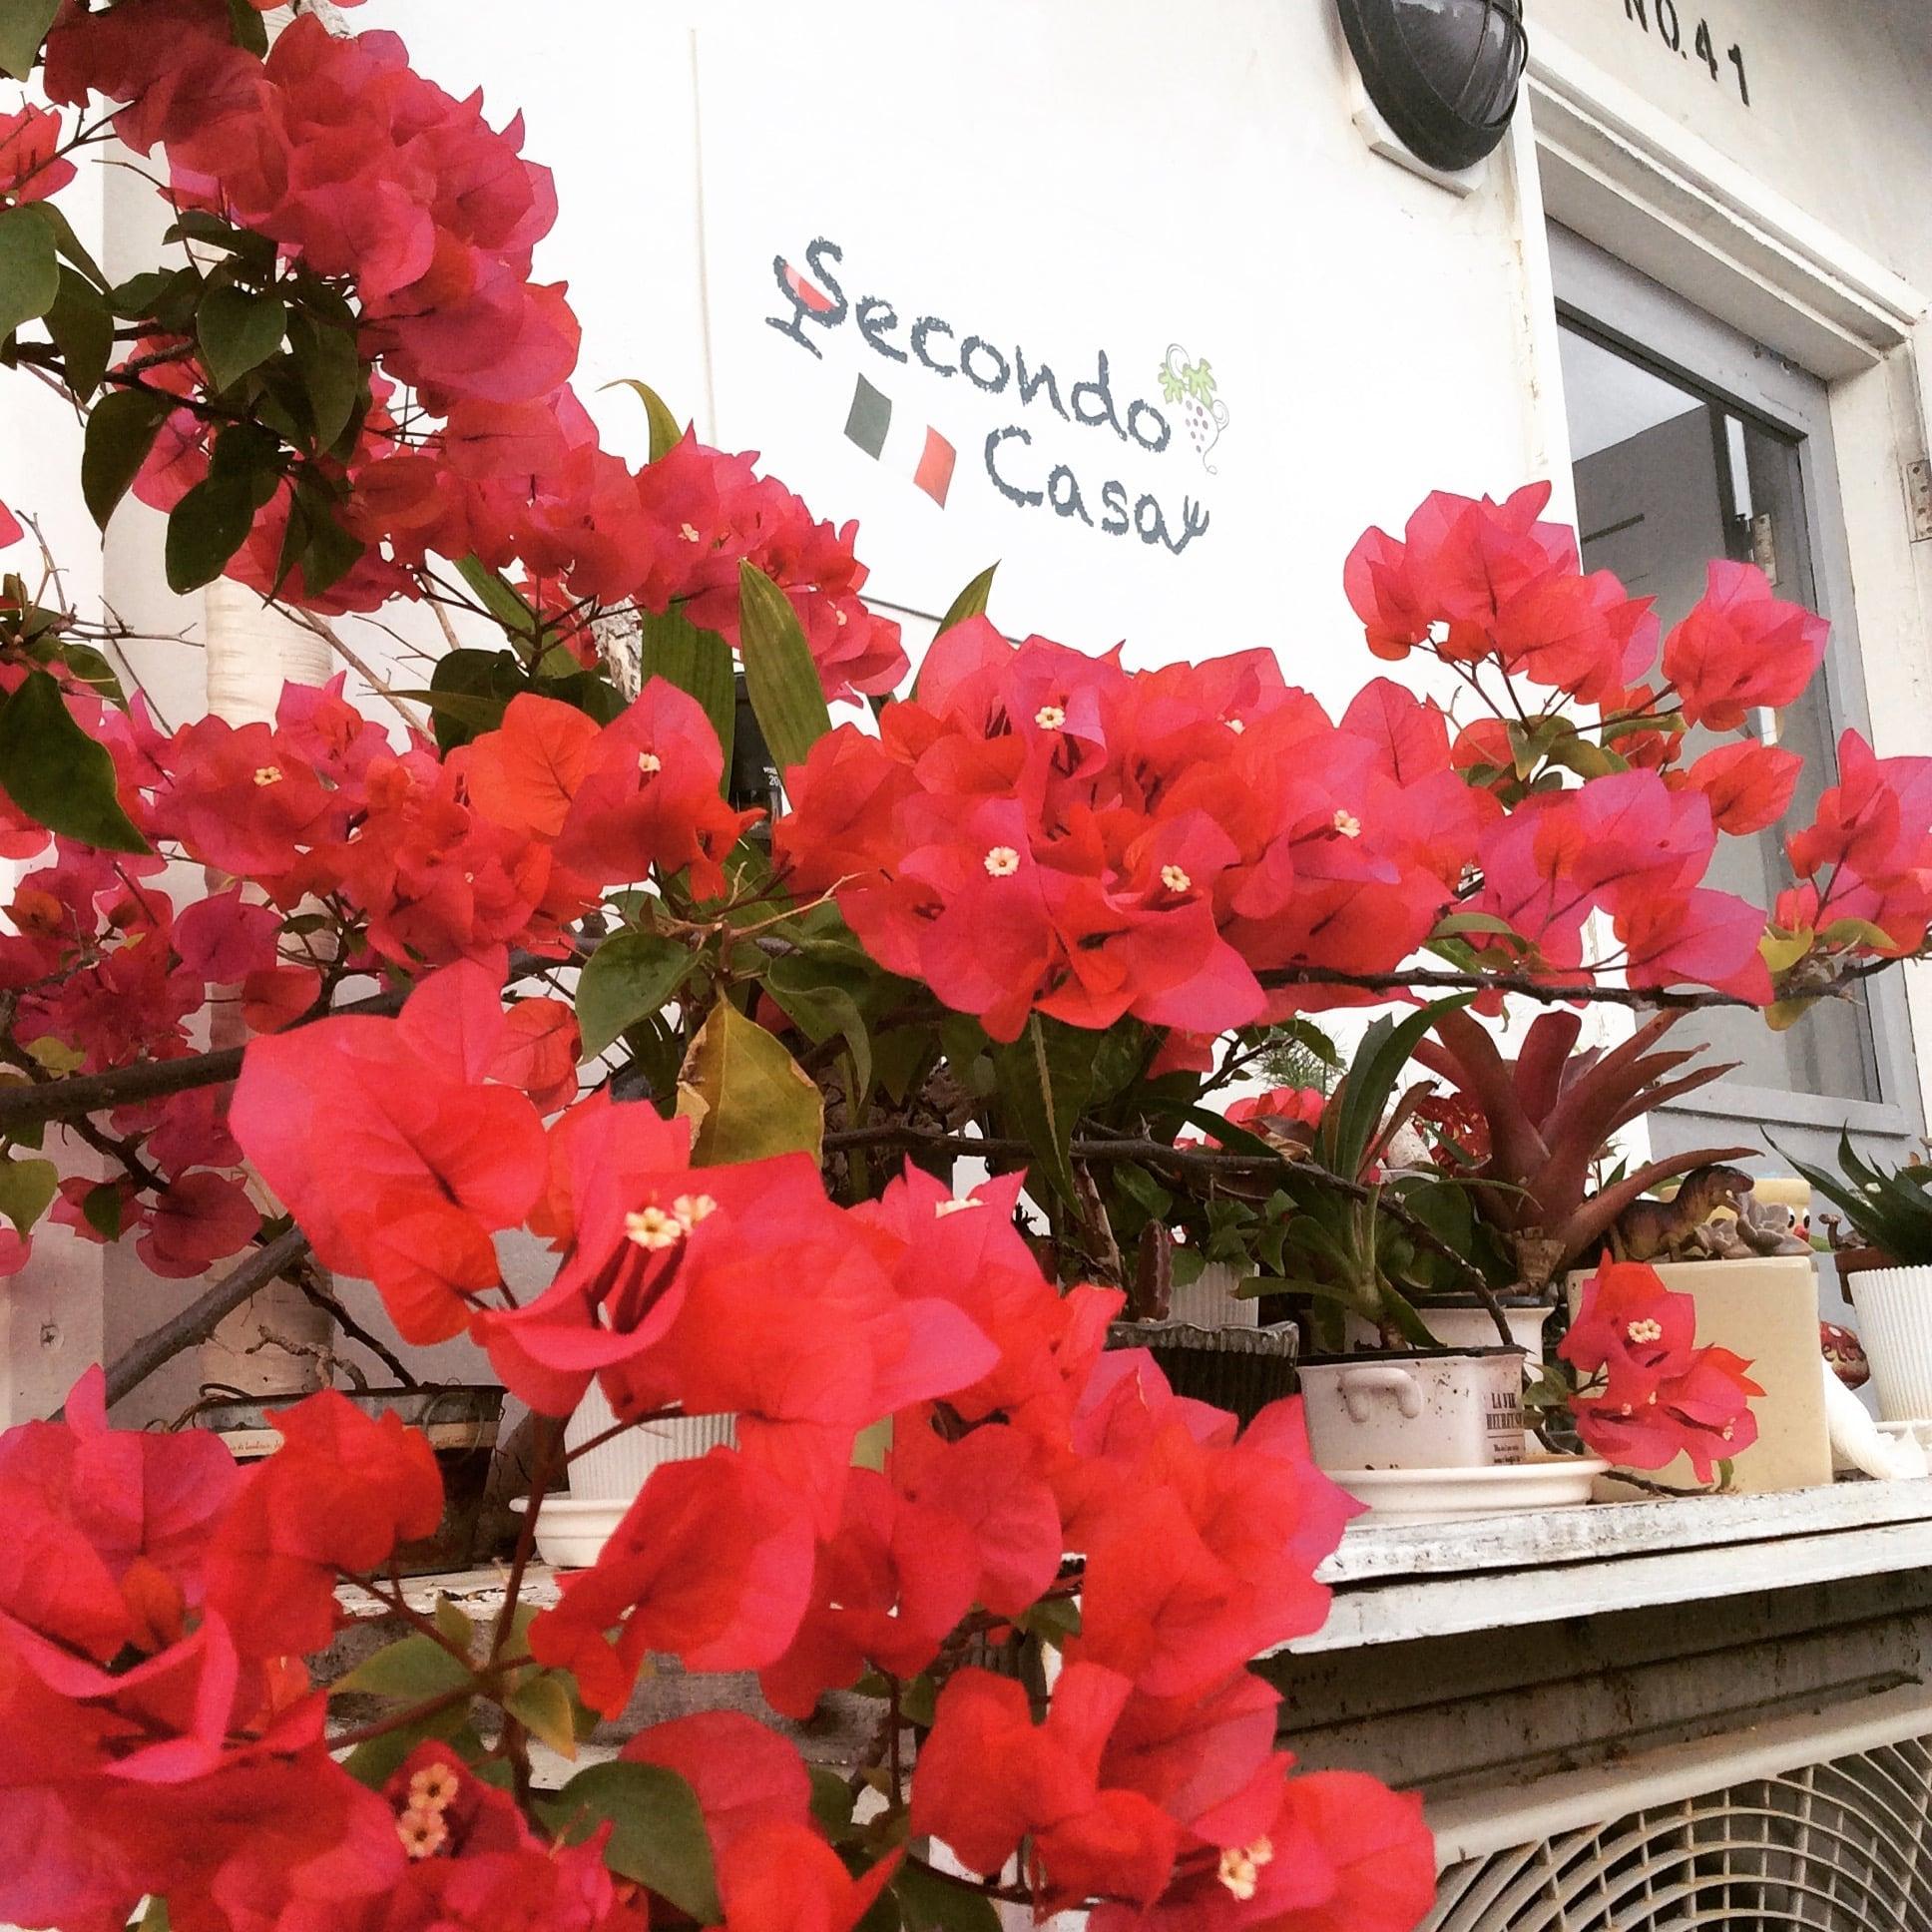 沖縄県浦添市/本格イタリアンの店「SecondoCasa/セコンドカーサ」